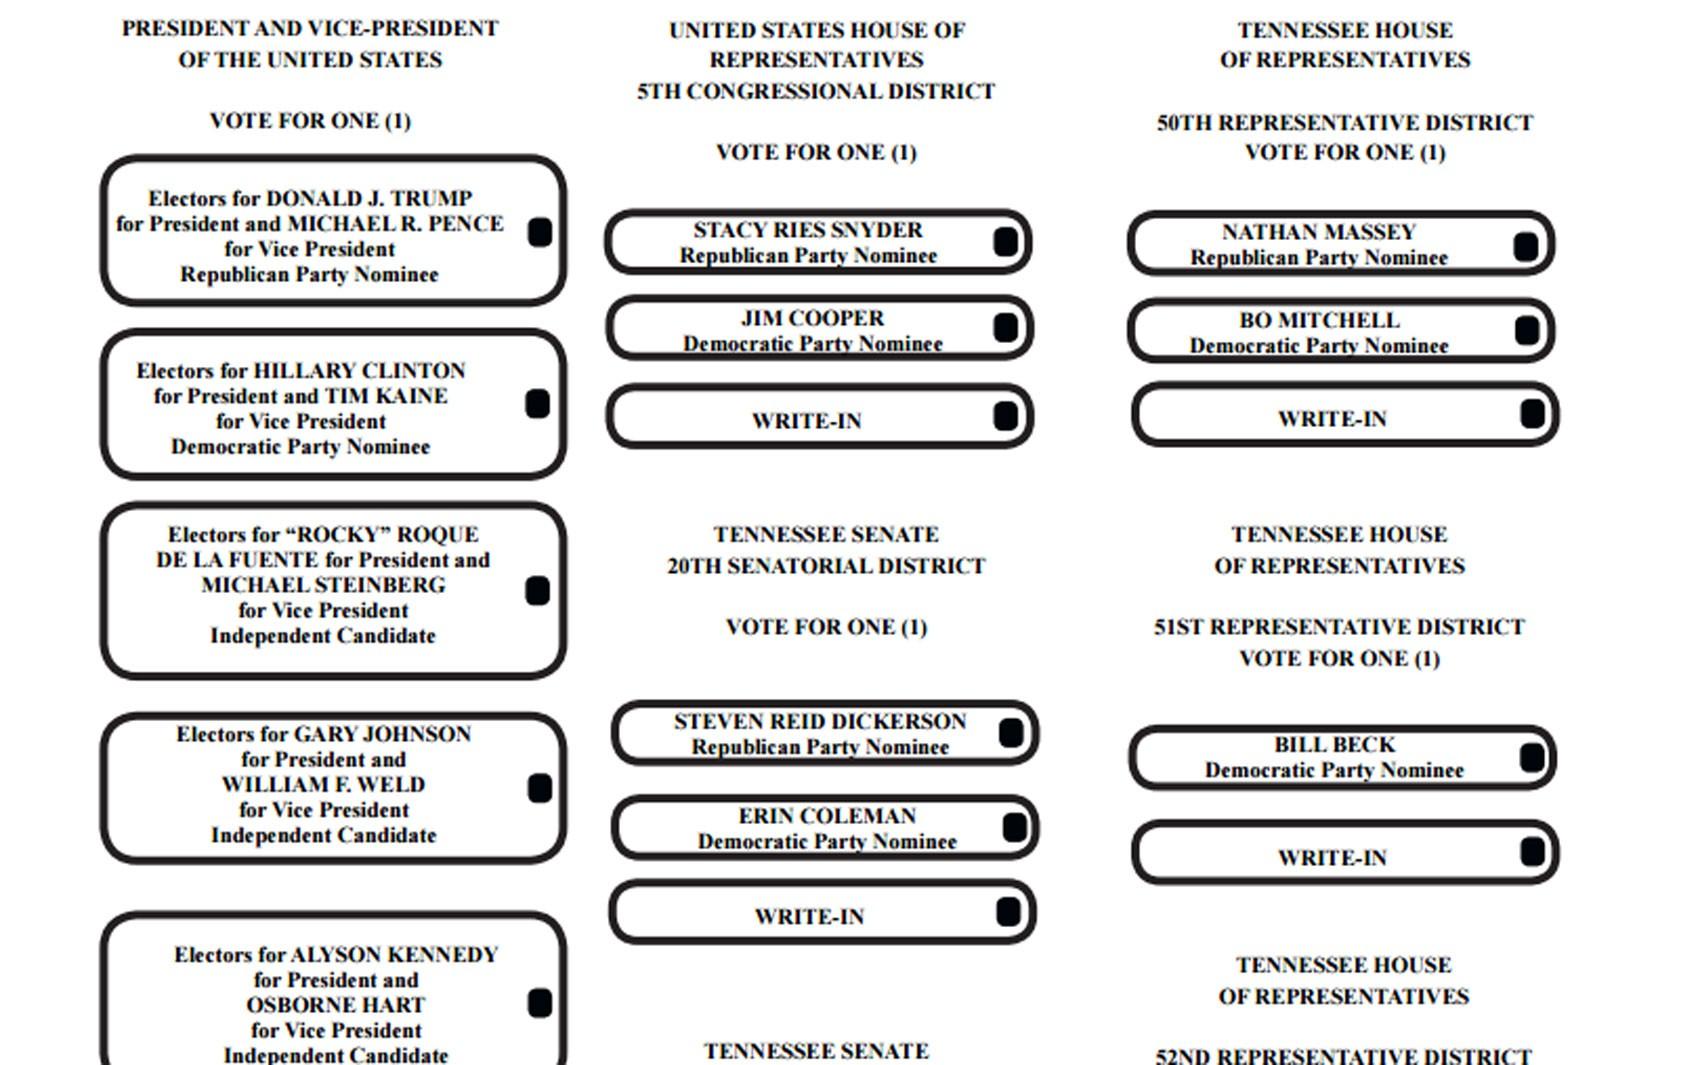 Parte de cédula eleitoral do condado de Davidson, no estado do Tennessee, nos EUA (Foto: Reprodução/Nashville.gov)